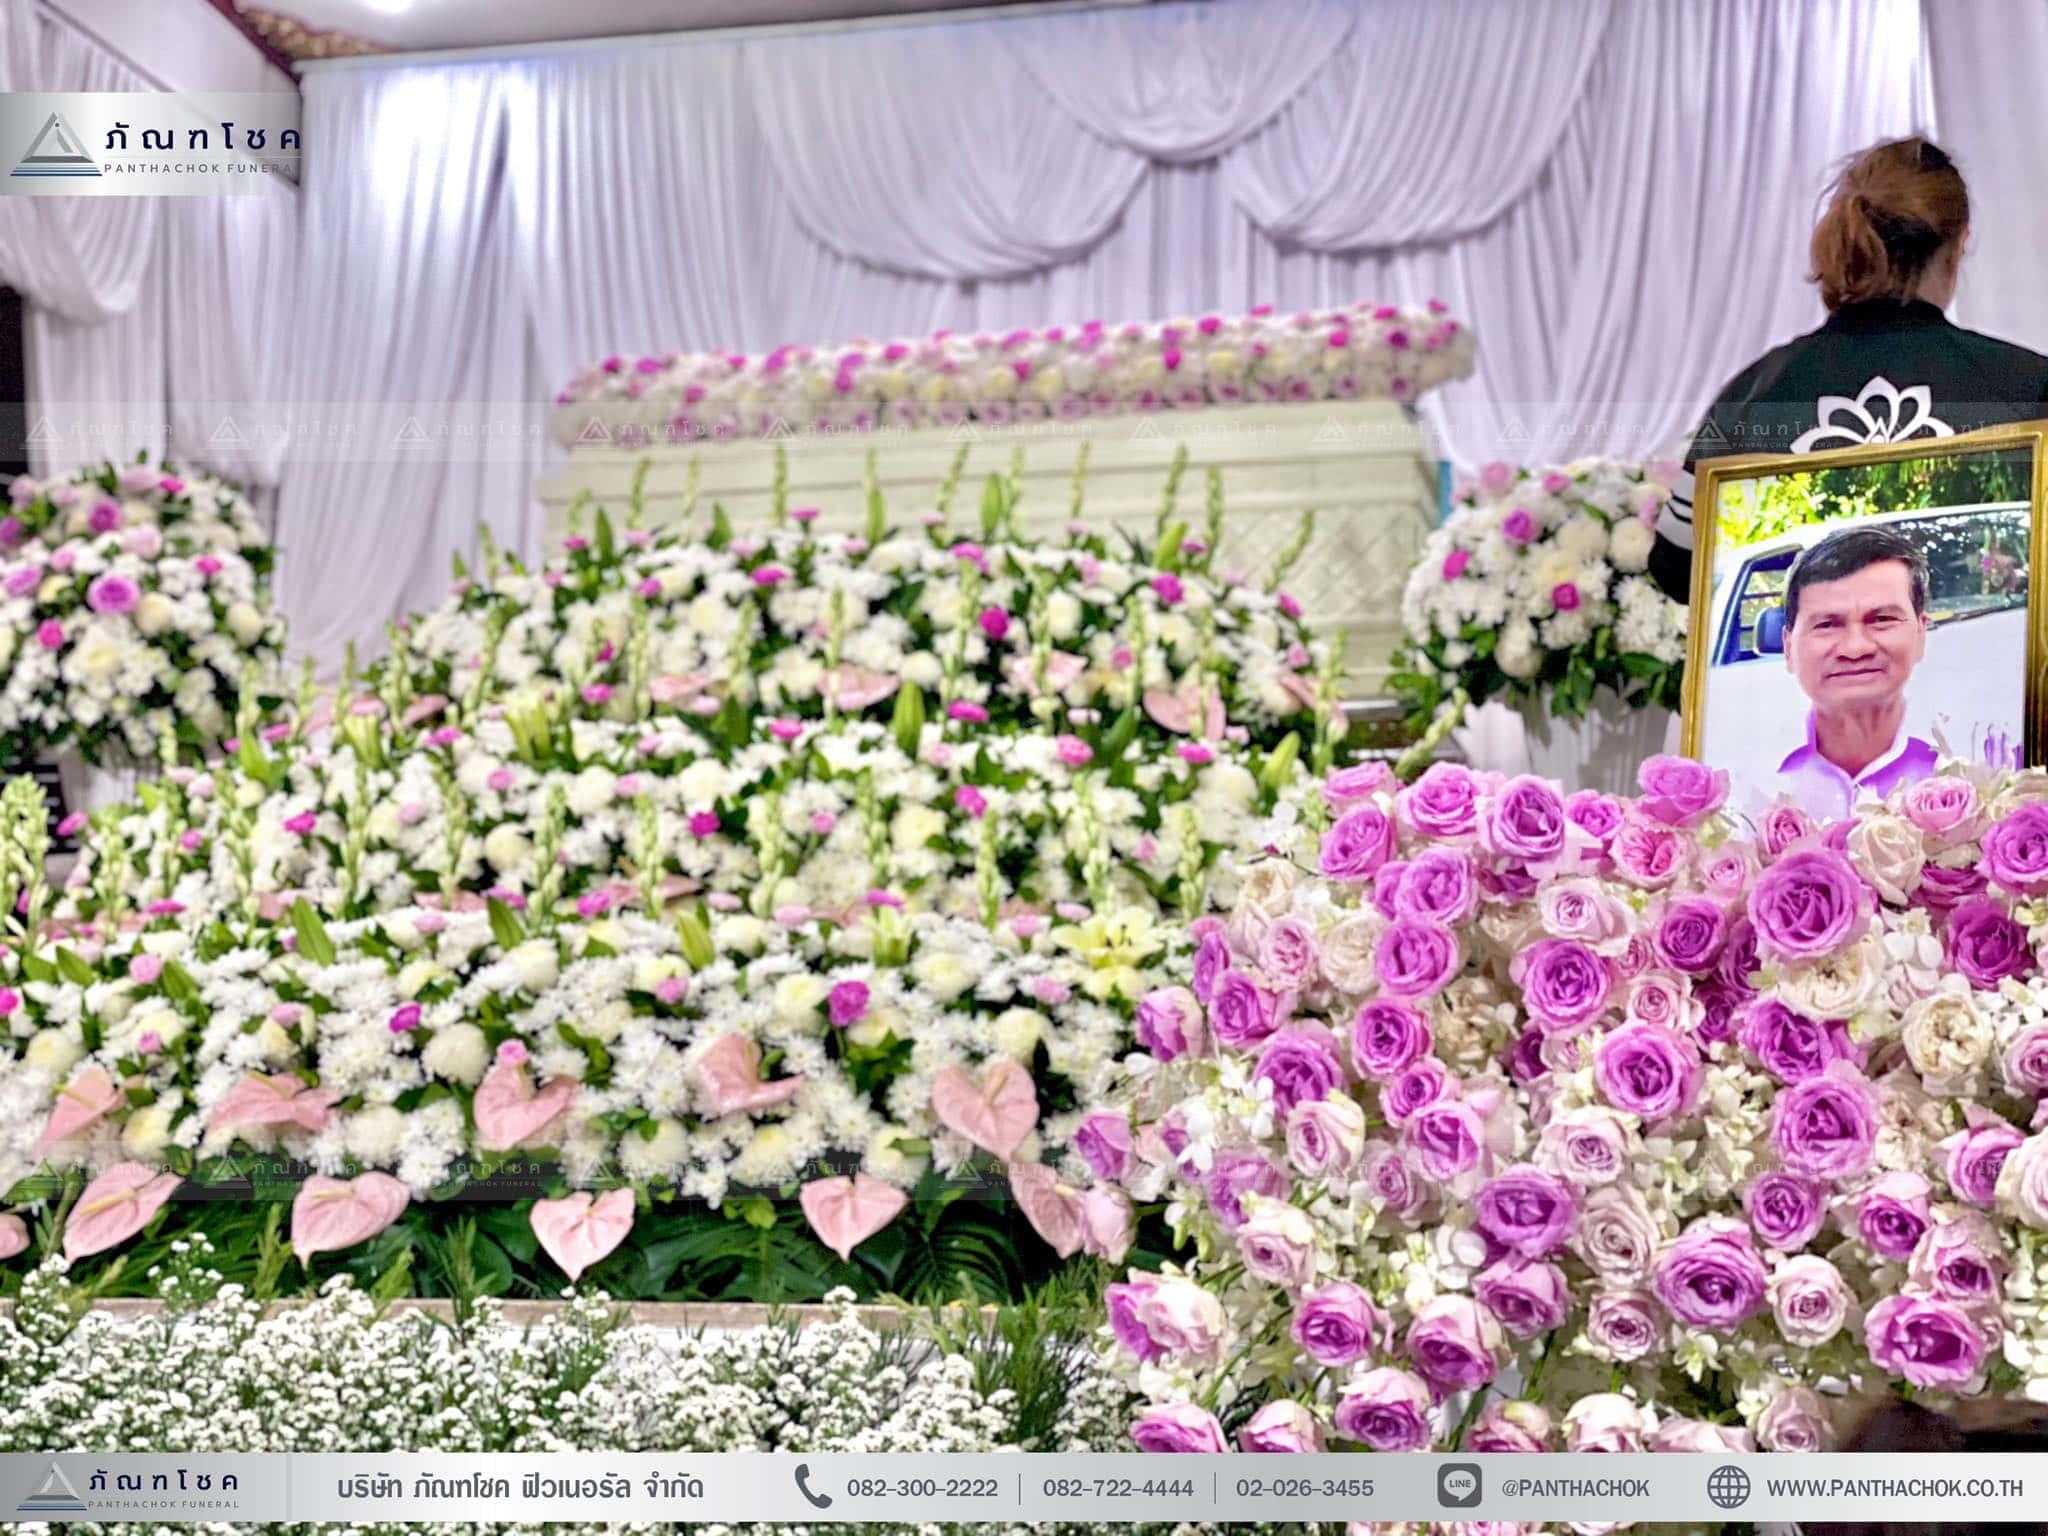 กรอบรูปนห้าหีบศพ ดอกไม้นอก ดอกไม้สดจากต่างประเทศ